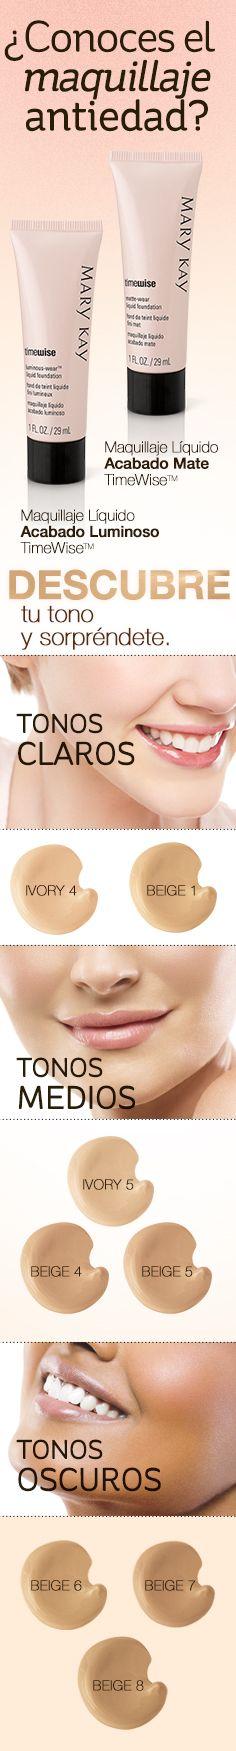 SÍ, es de verdad, ¡maquillaje anti edad! Ahora podrás tener más beneficios en tu maquillaje diario, que además de hacerte ver divina, mejora la apariencia de tu piel gracias a la combinación de péptidos de colágeno. Descubre cómo conseguir la base perfecta para ti en: www.marykay.com.co